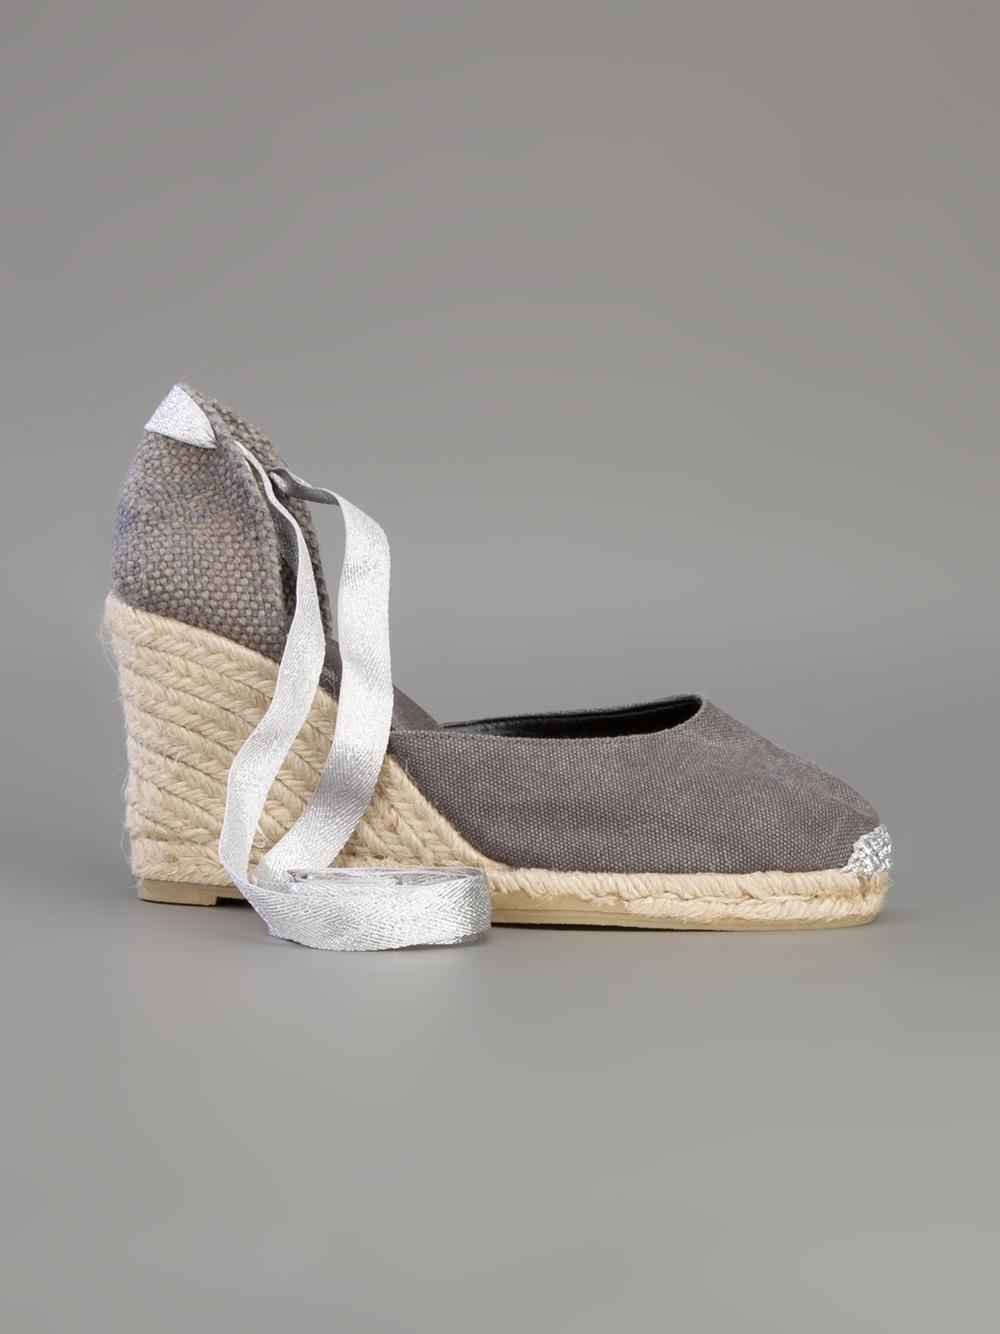 b0676c67d3e Castaner Espadrille Wedge Sandal in Gray - Lyst